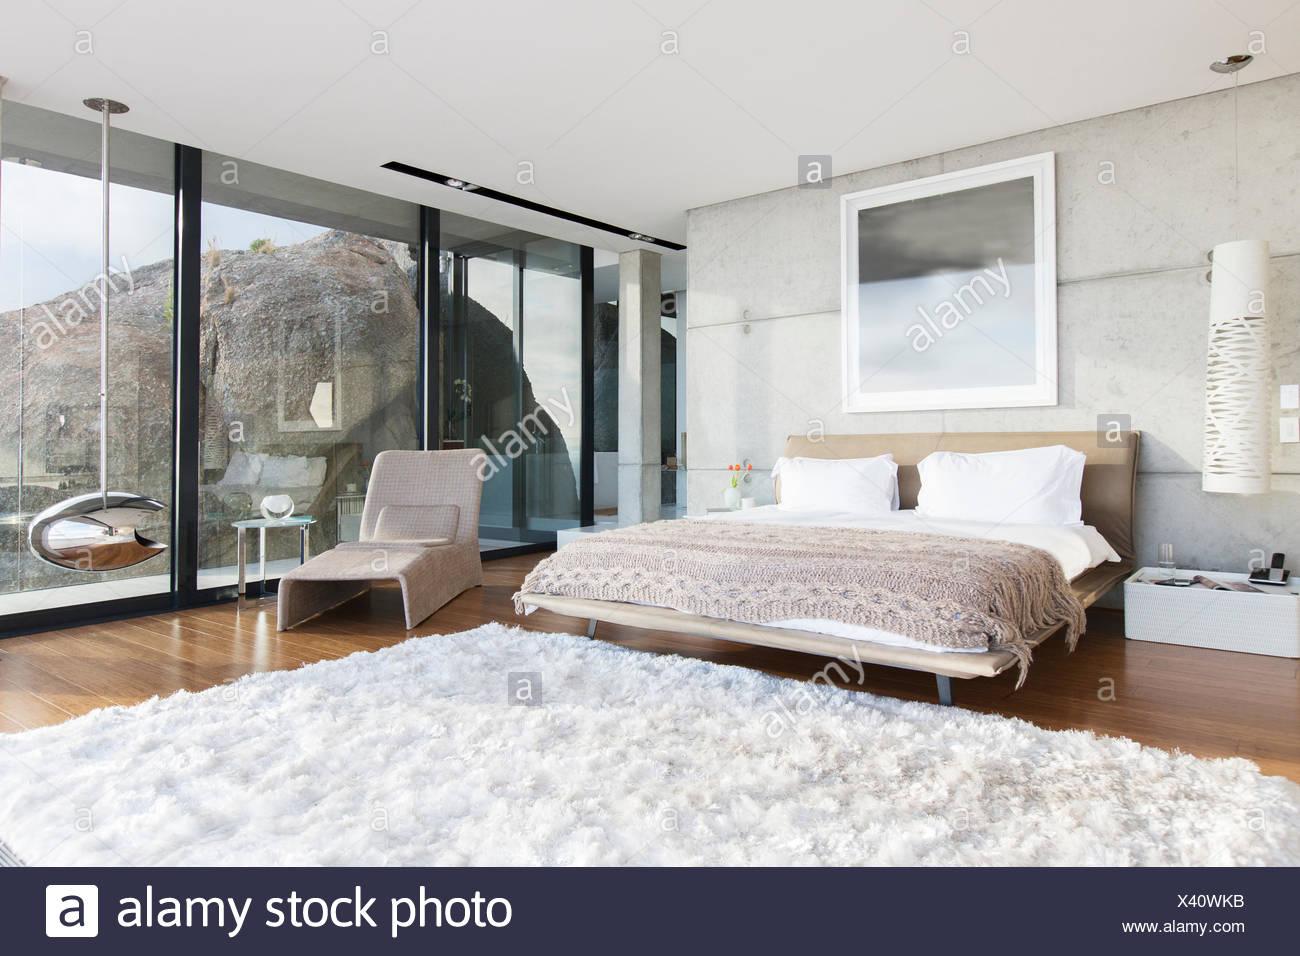 Shag Teppich In Modernen Schlafzimmer Stockfoto Bild 277844655 Alamy